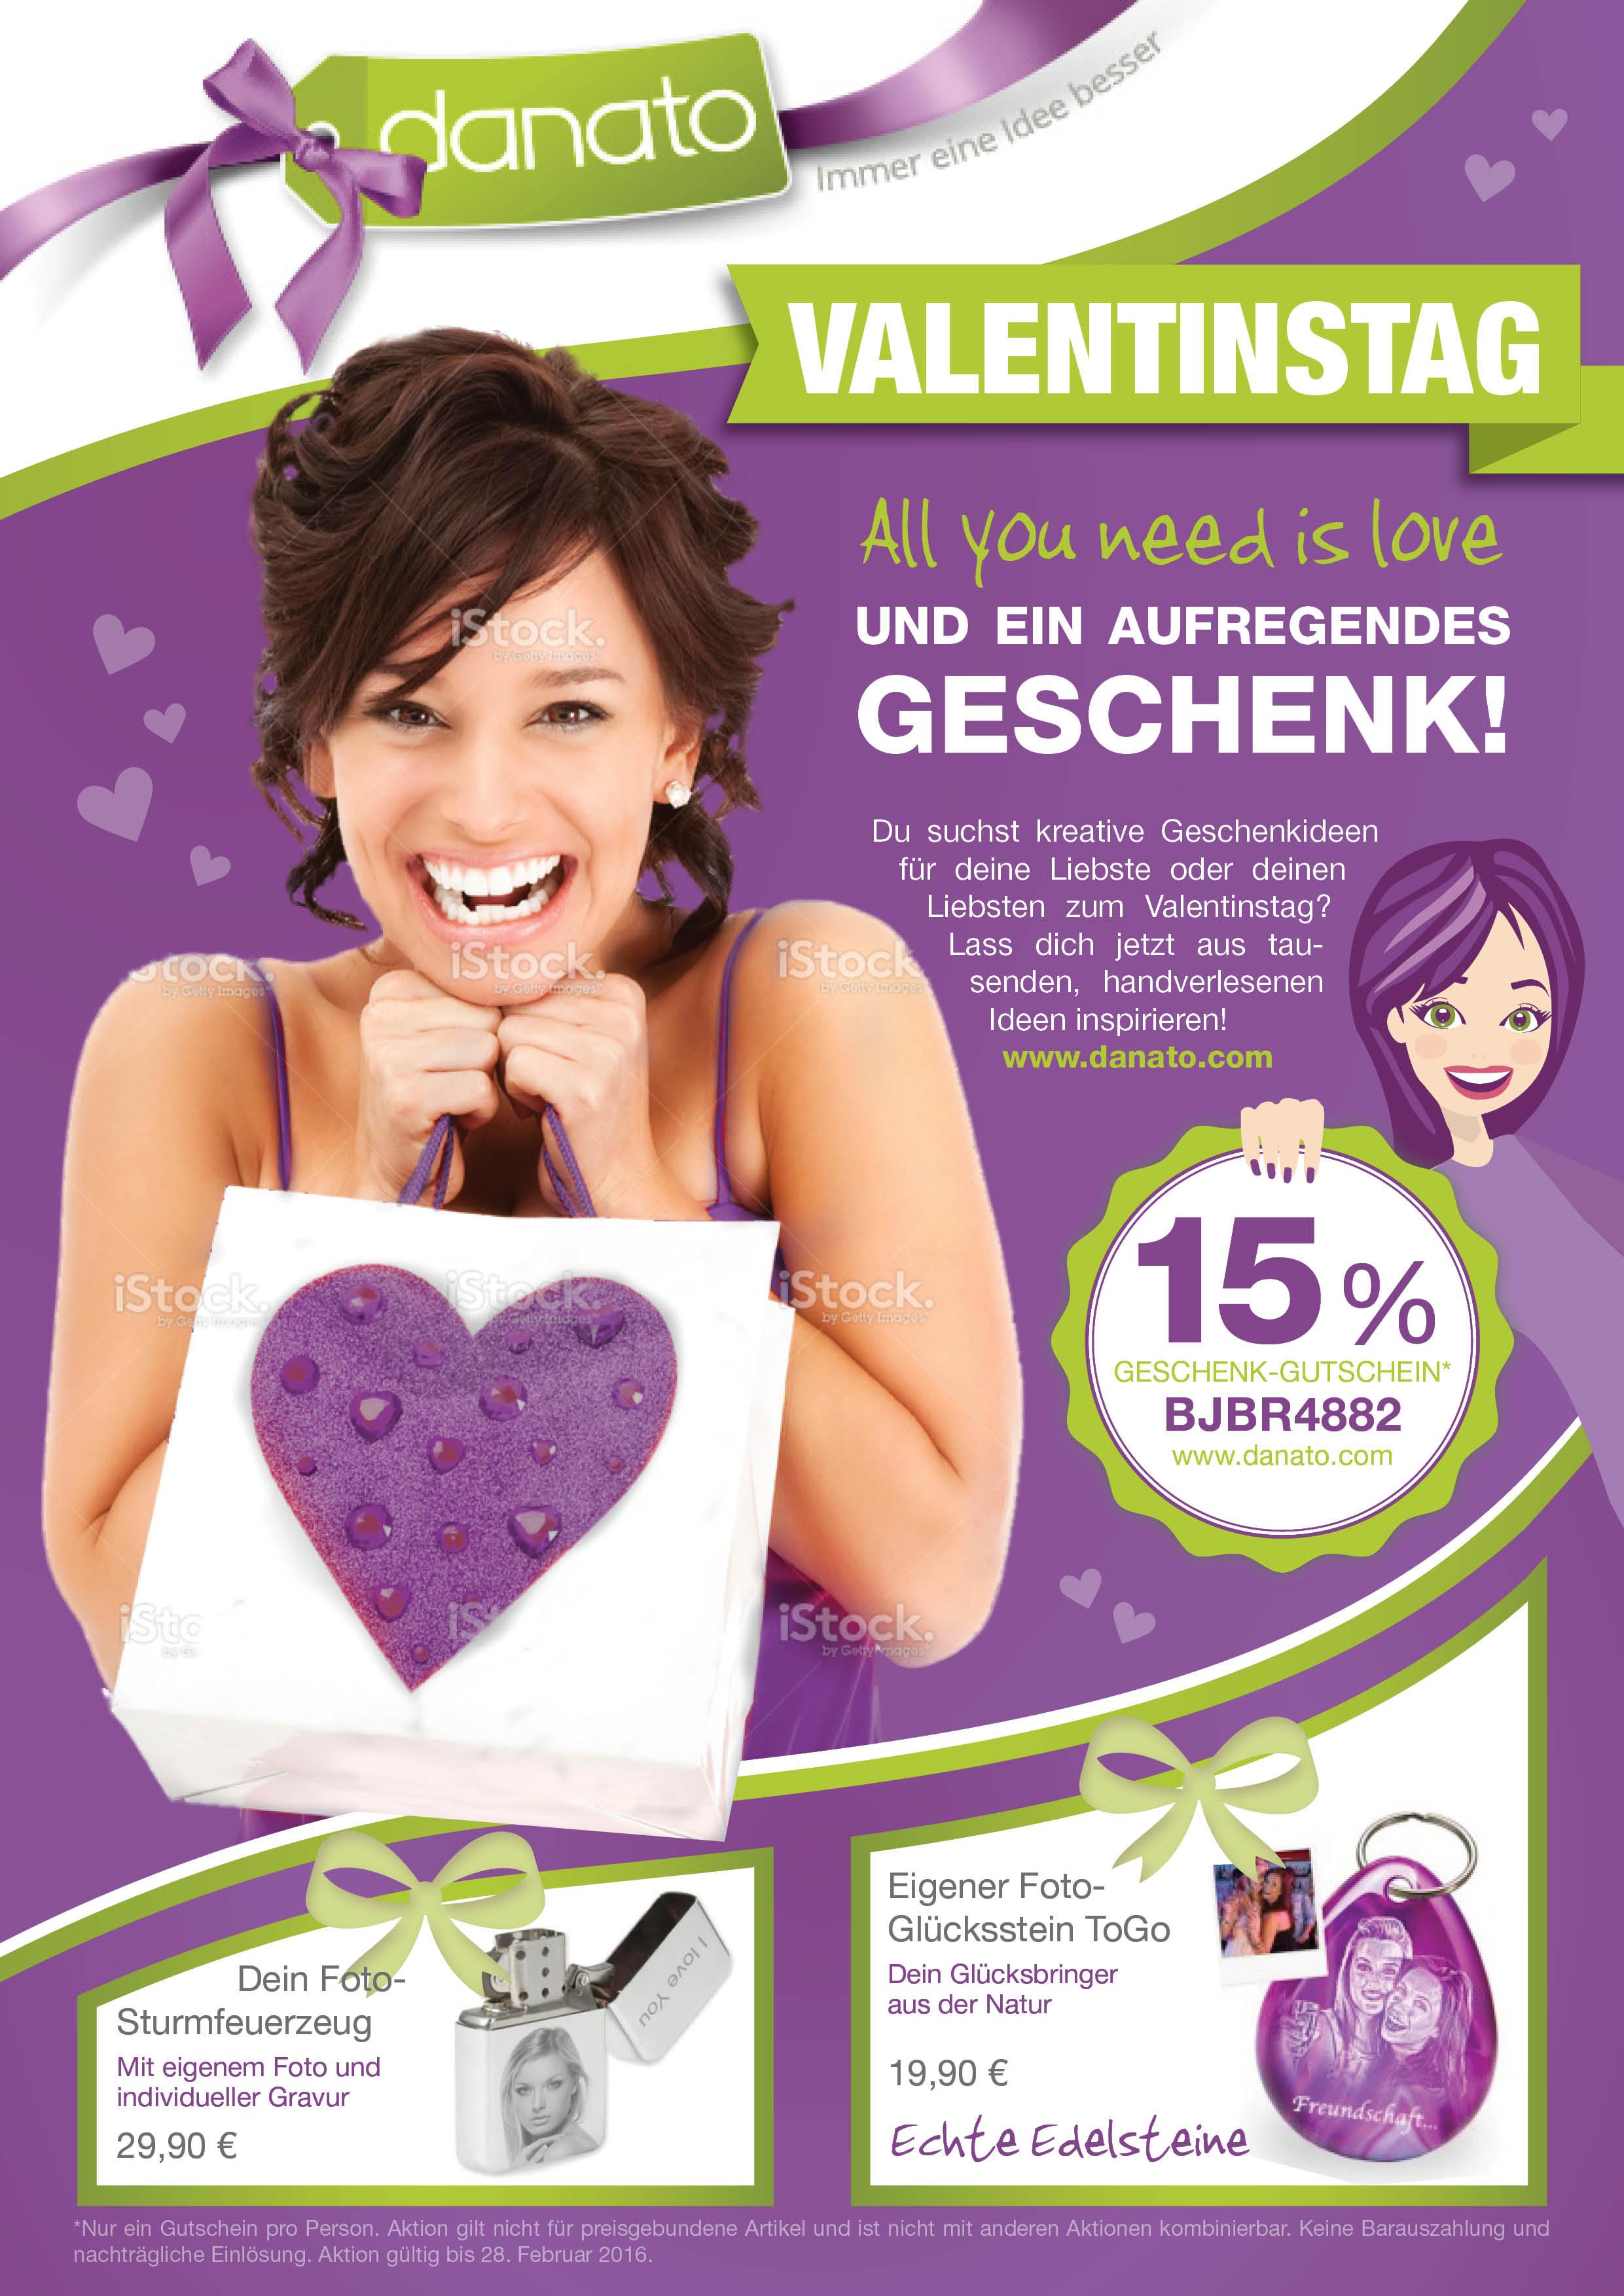 Danato Com Weihnachten.Print Anzeige Für Valentinstag Anzeigenr Design